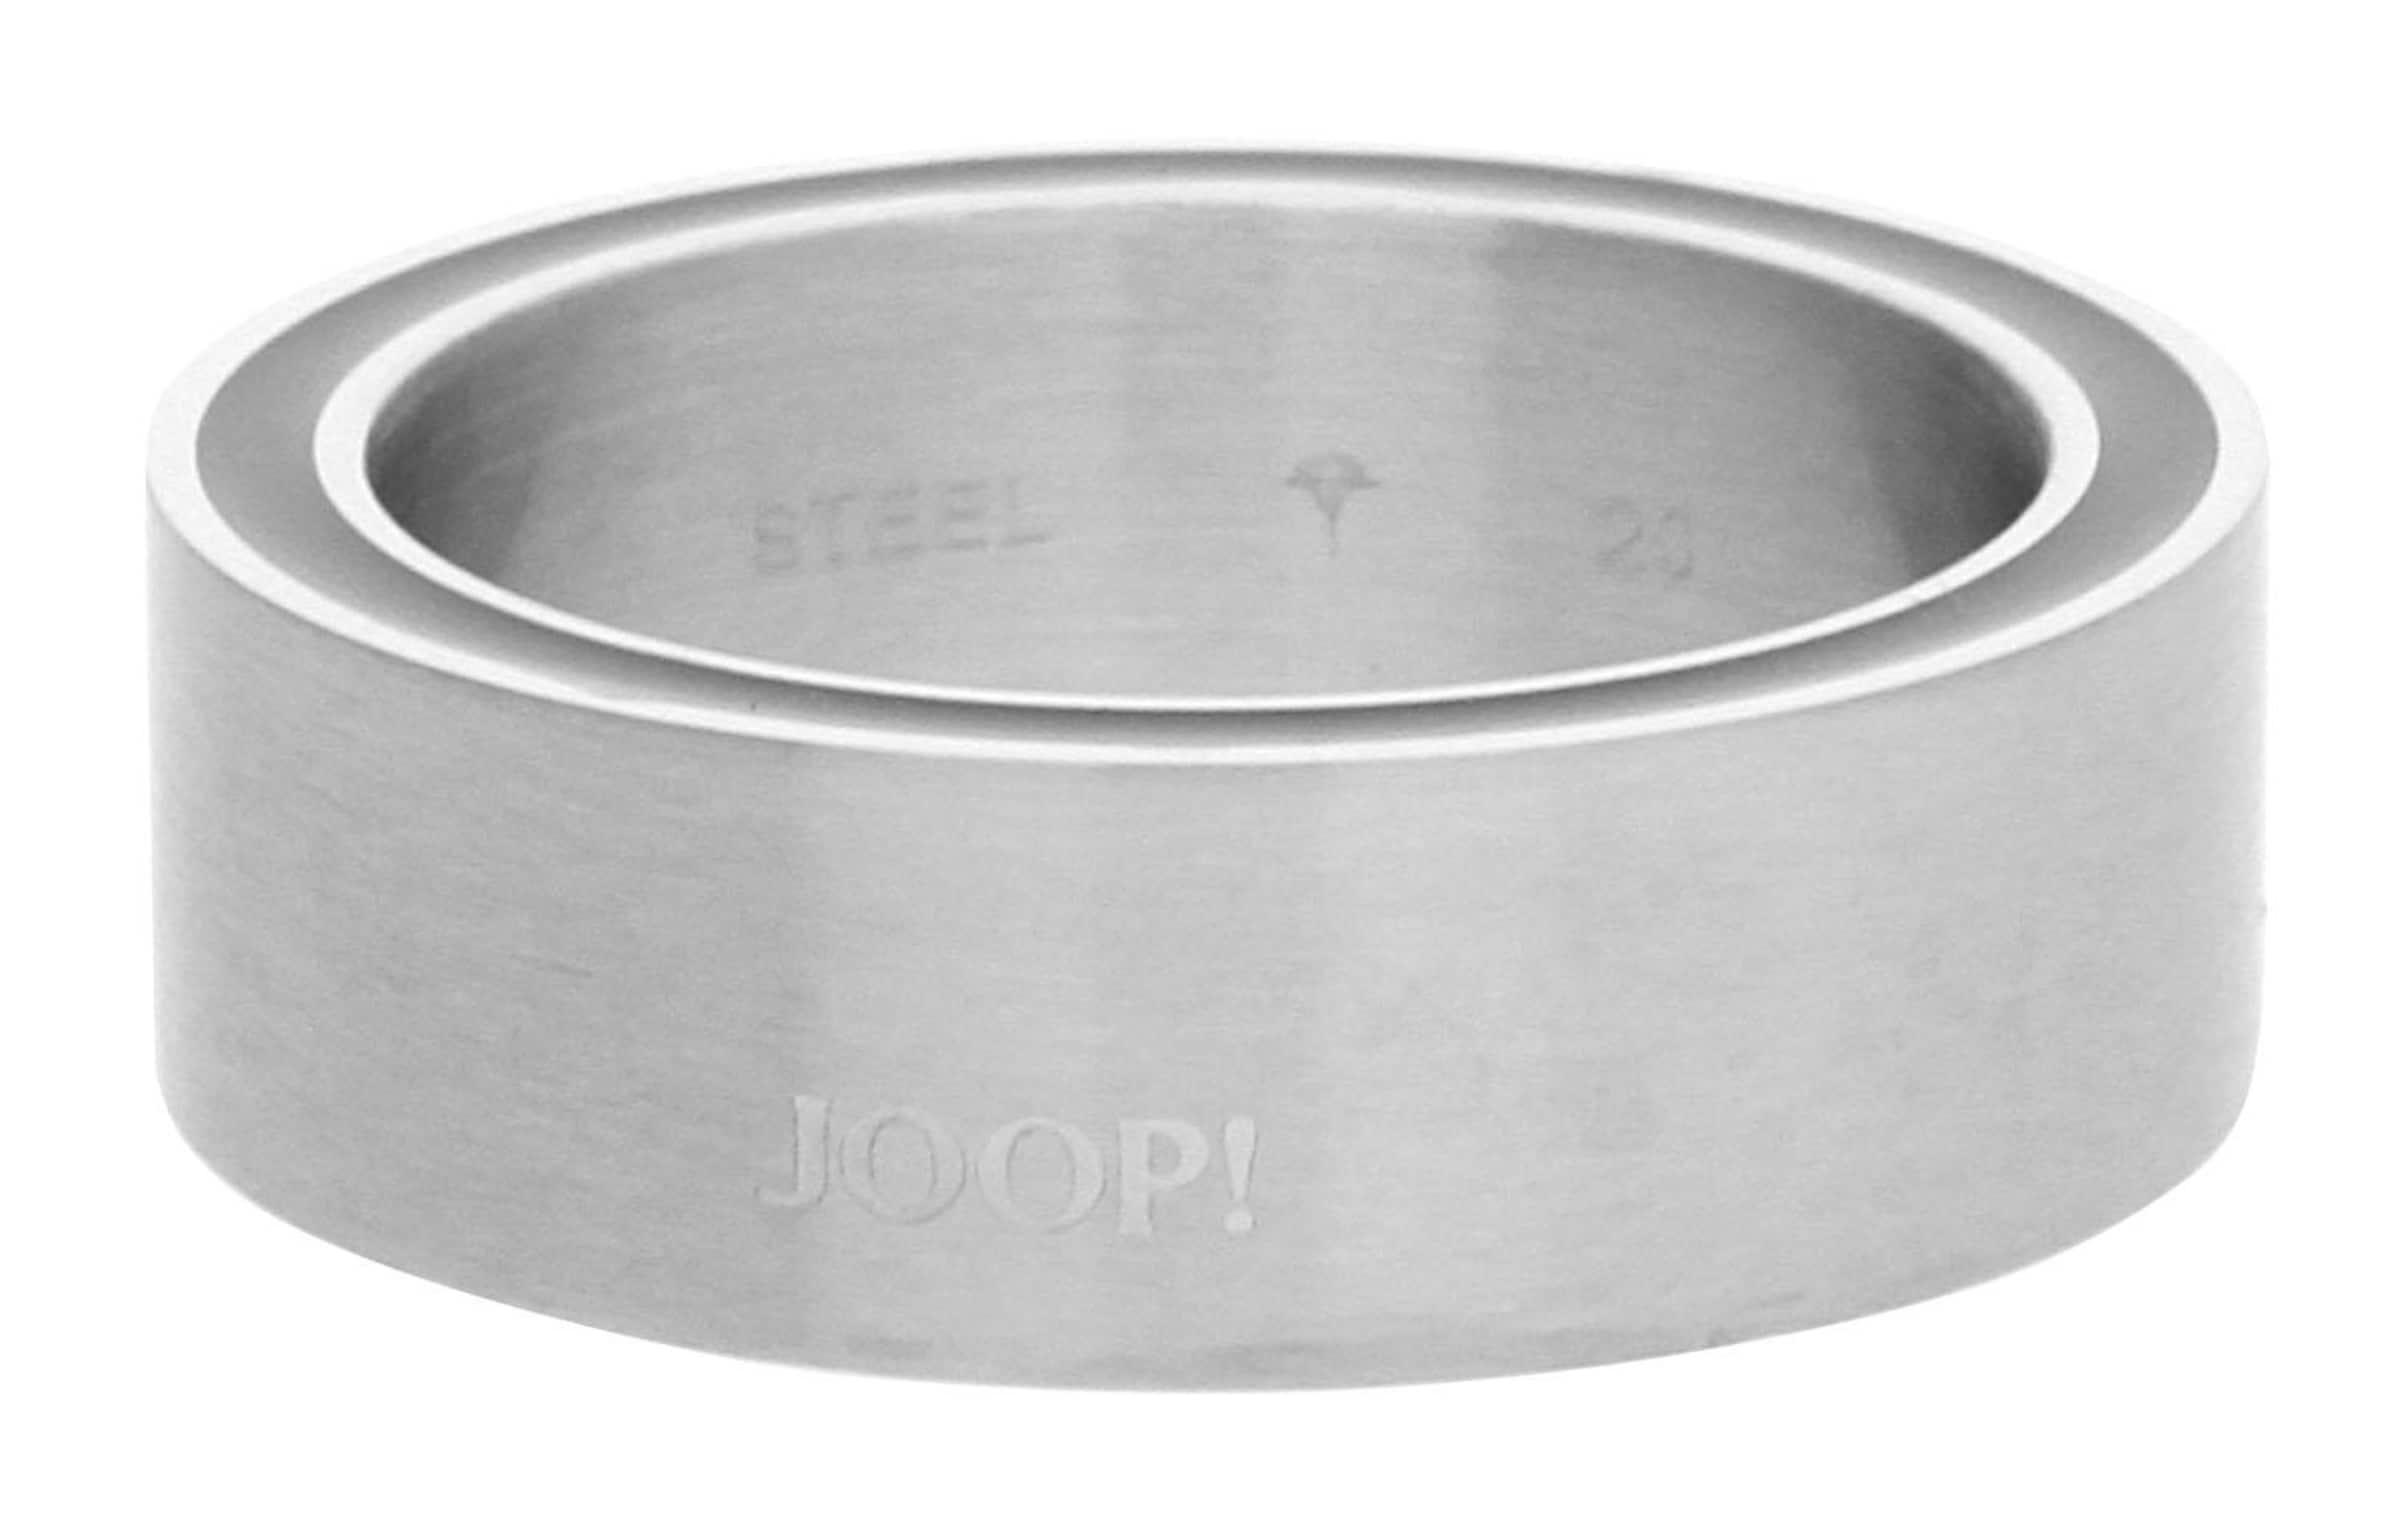 JoopFingerring In Silber In JoopFingerring In Silber JoopFingerring 3L4ARj5